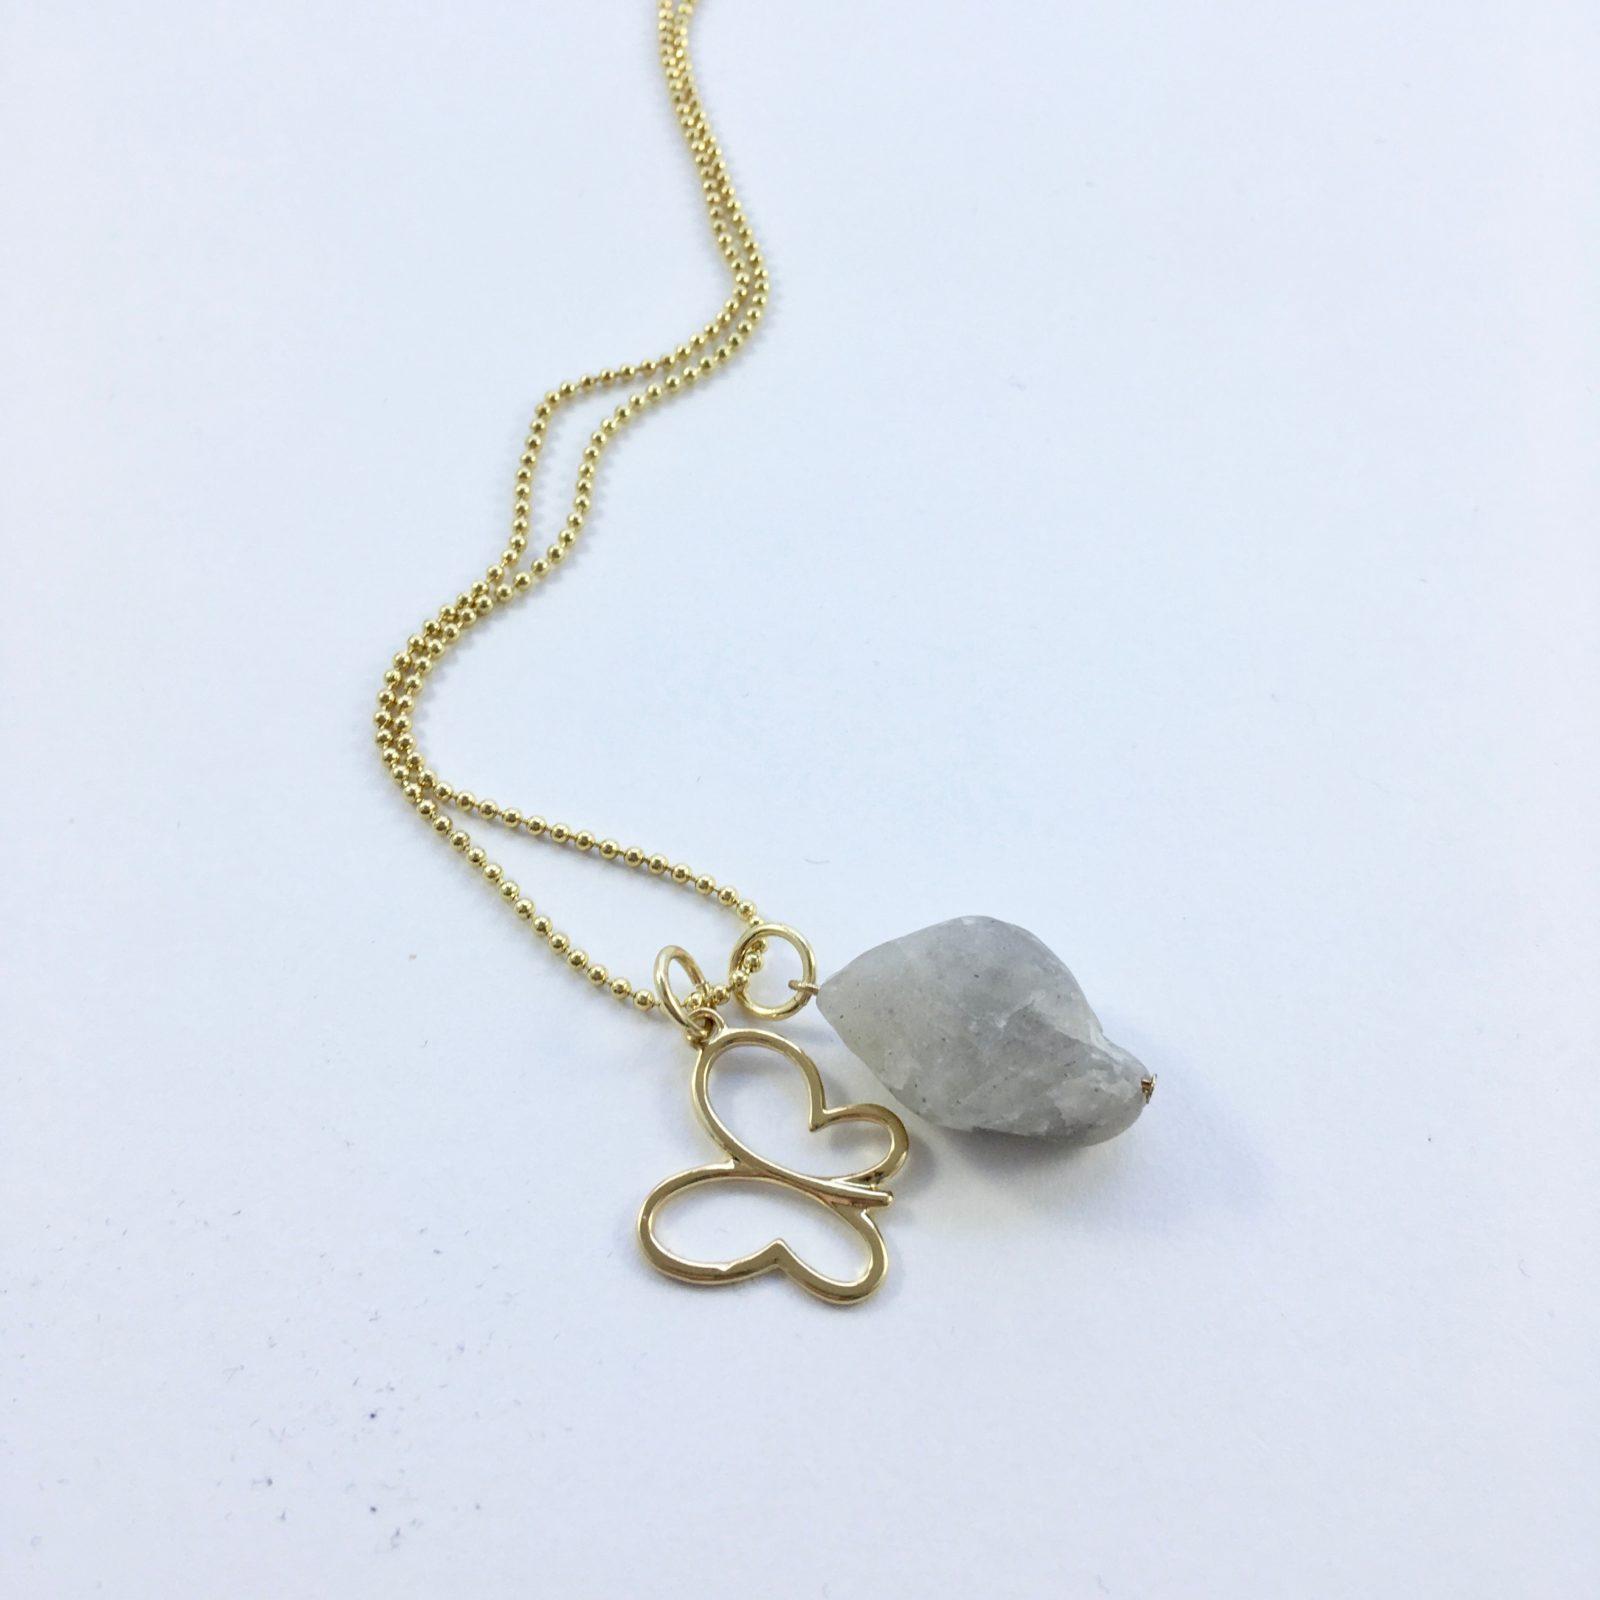 laag geprijsd Goede prijzen behoorlijk goedkoop Lange ketting met grijze natuursteen en vlinder goud